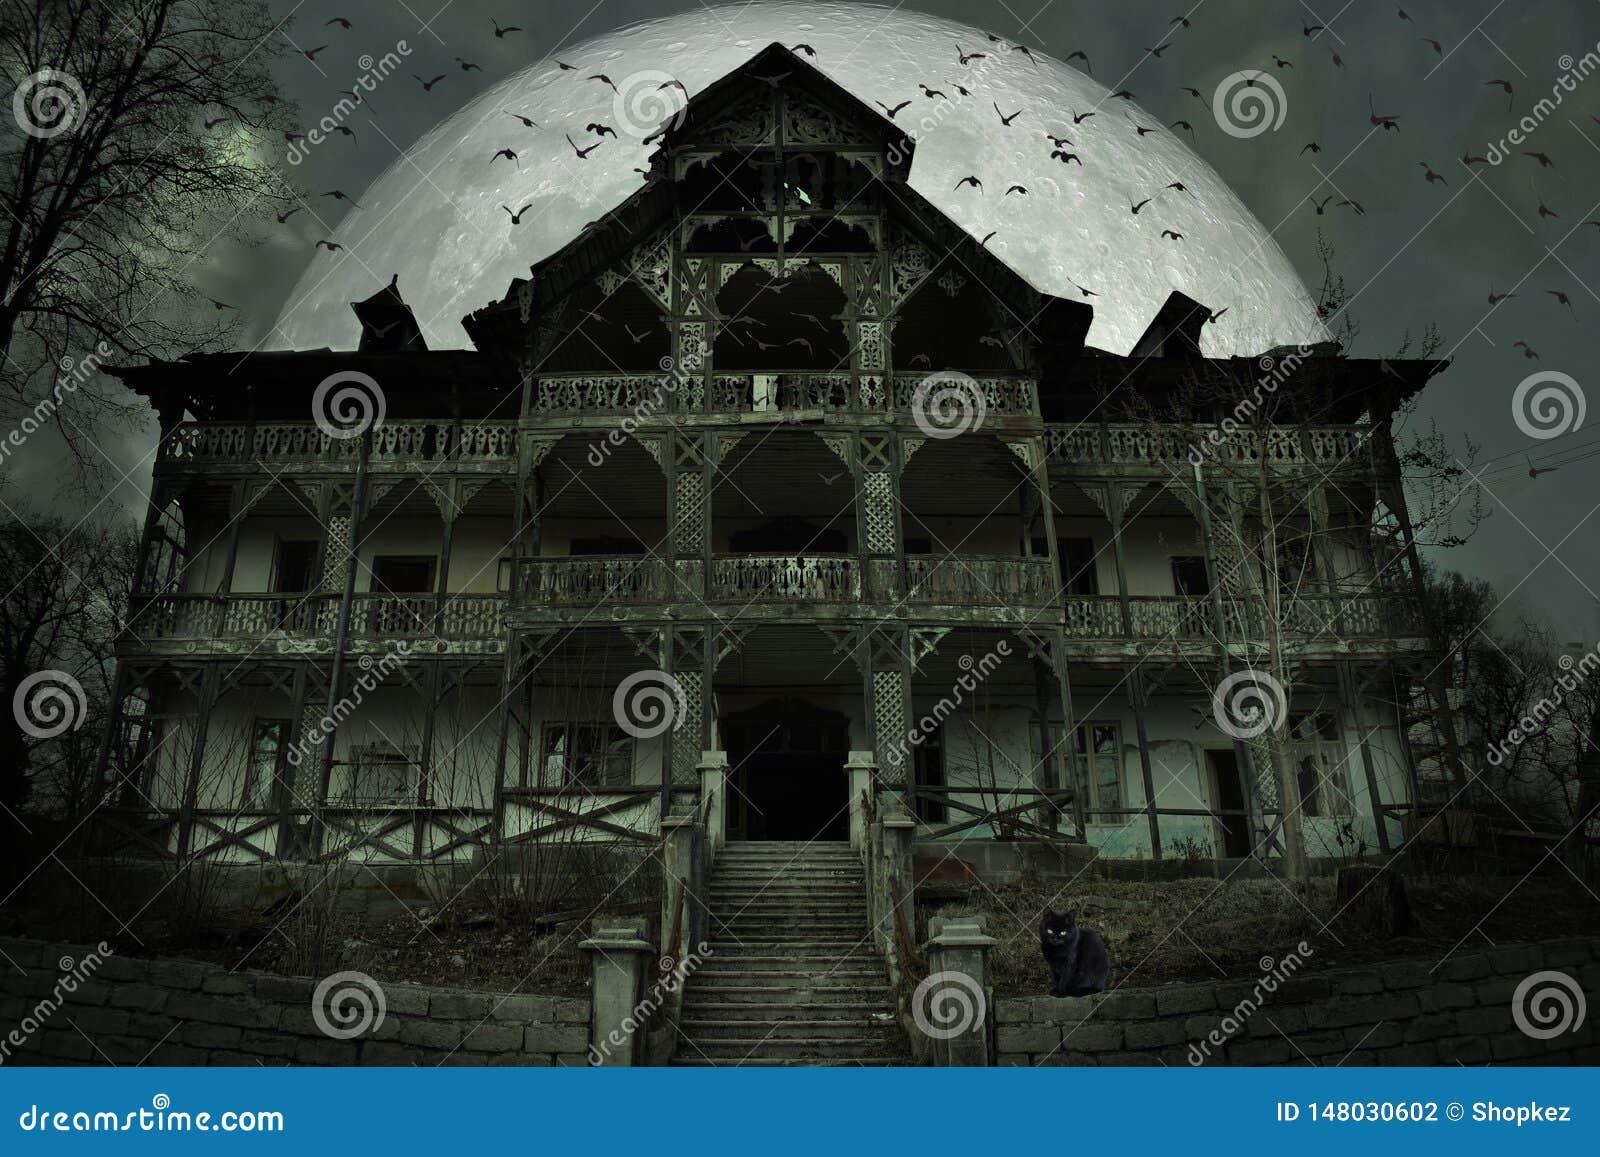 Ανατριχιαστικό συχνασμένο σπίτι με τη σκοτεινή ατμόσφαιρα φρίκης Μια μαύρη γάτα, πολλές ρόπαλα και μεγάλη πανσέληνος πίσω από τη